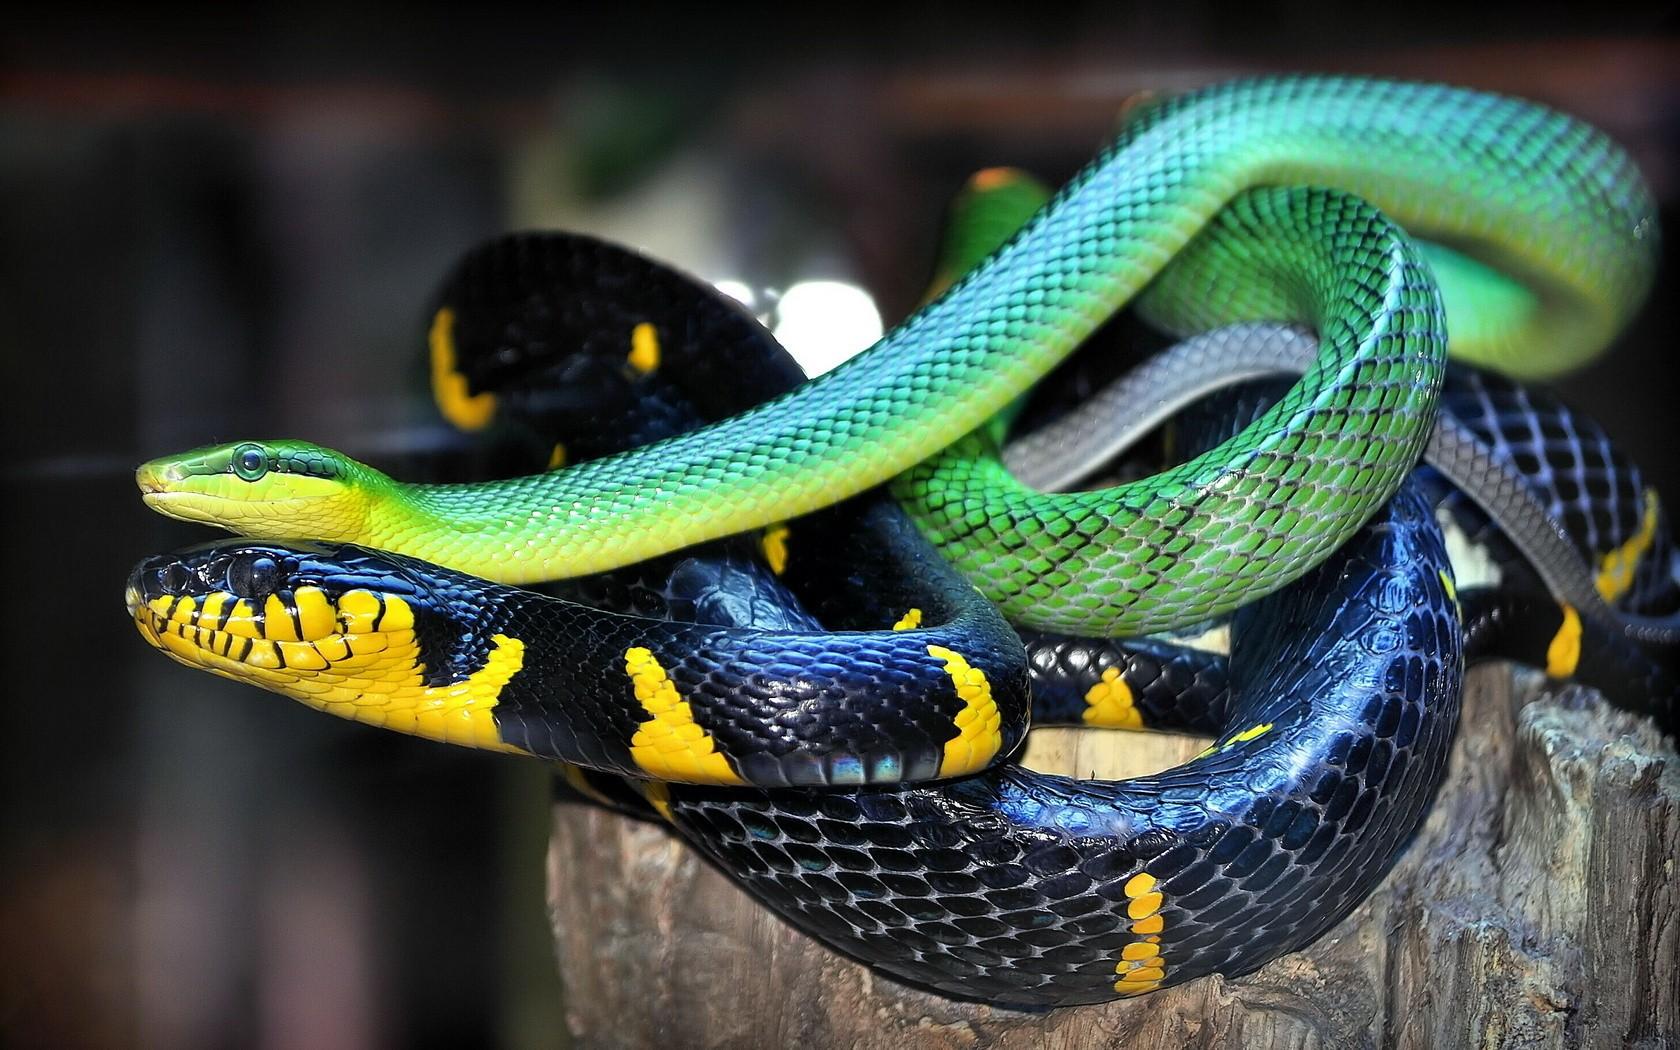 Dos serpientes - 1680x1050